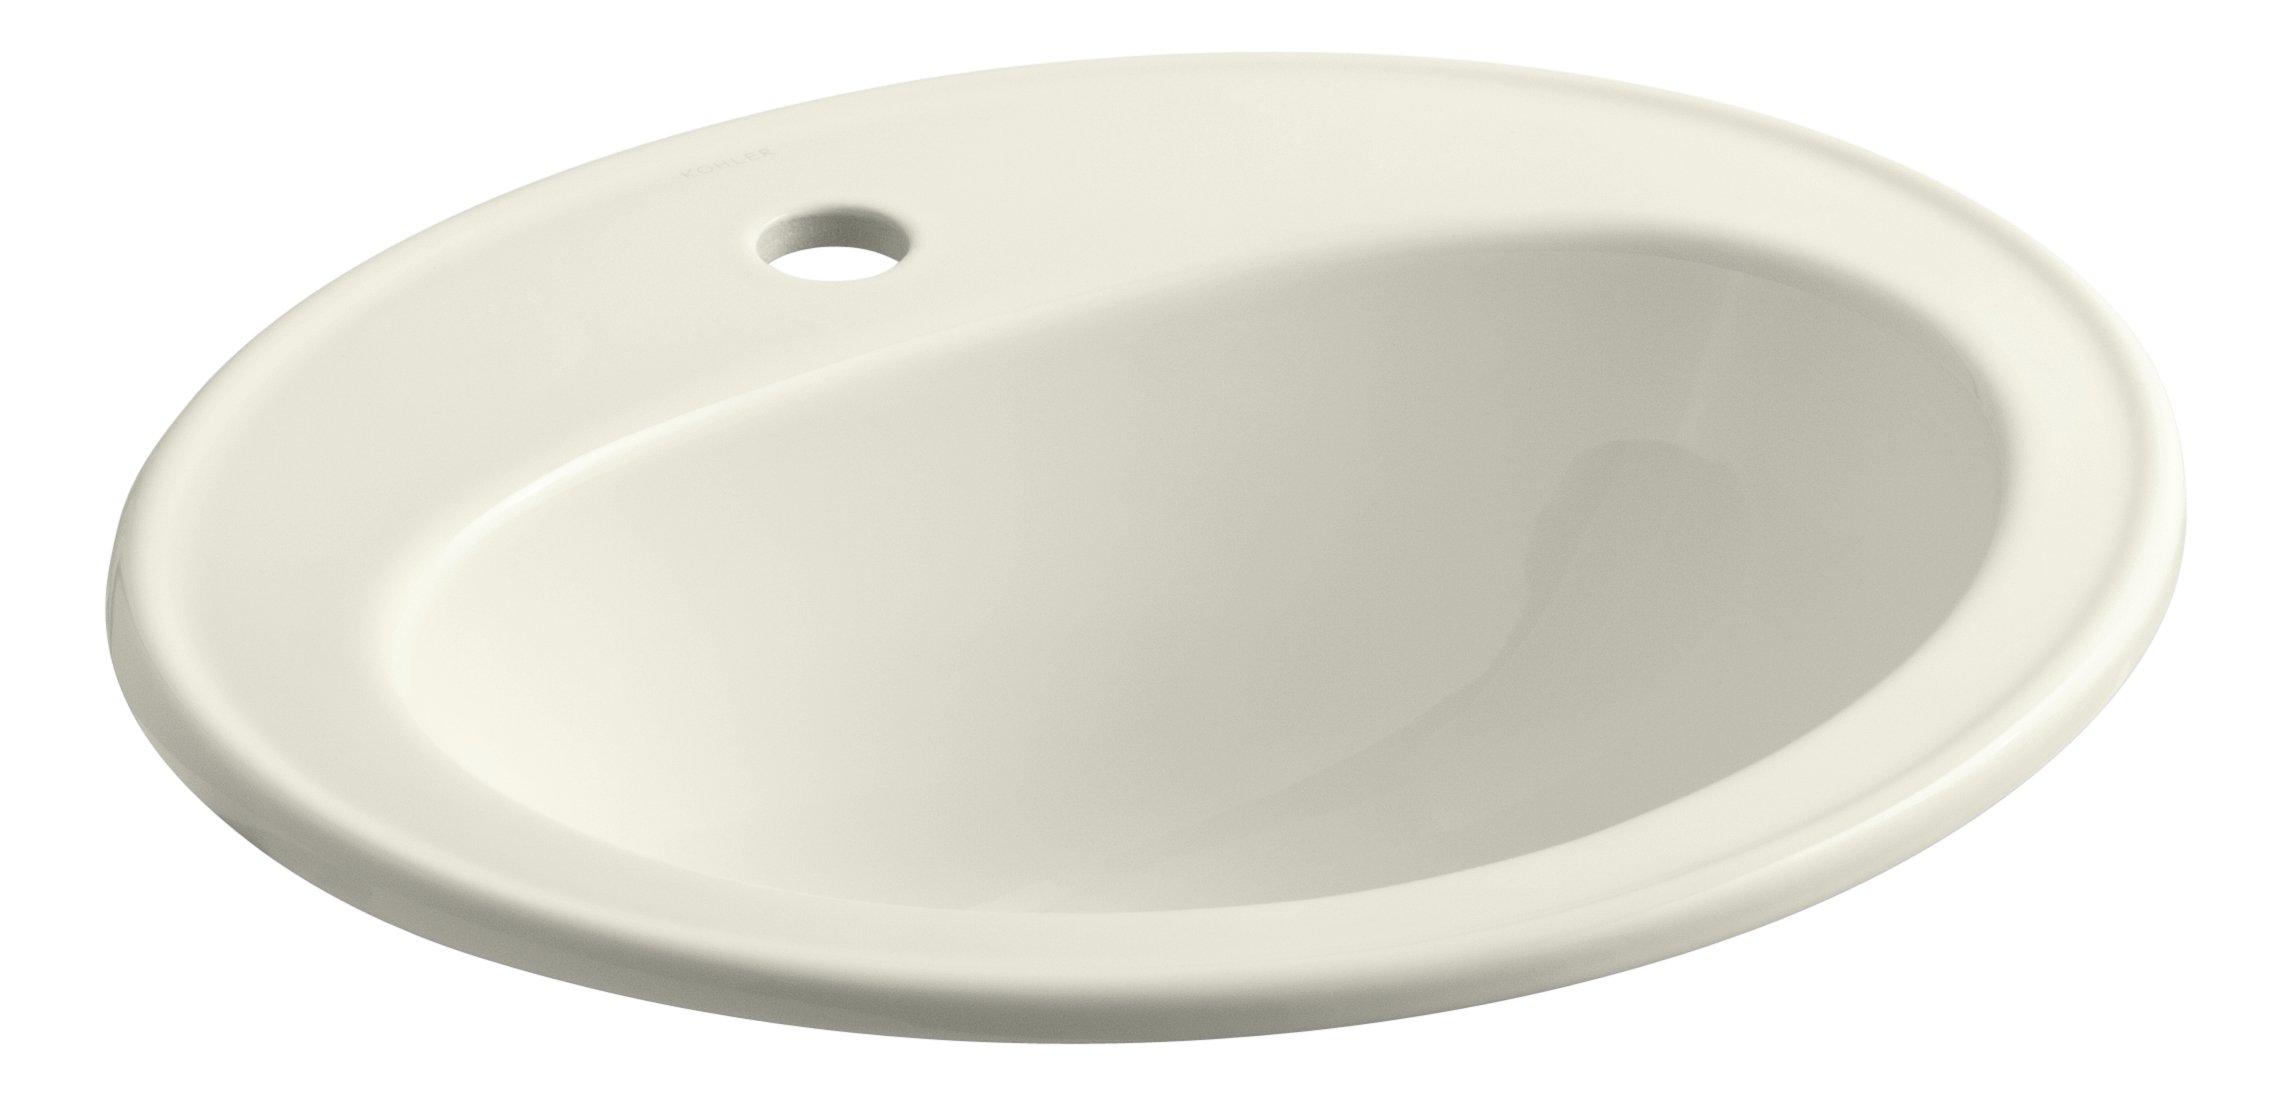 KOHLER K-2196-1-96 Pennington Self-Rimming Bathroom Sink, Biscuit